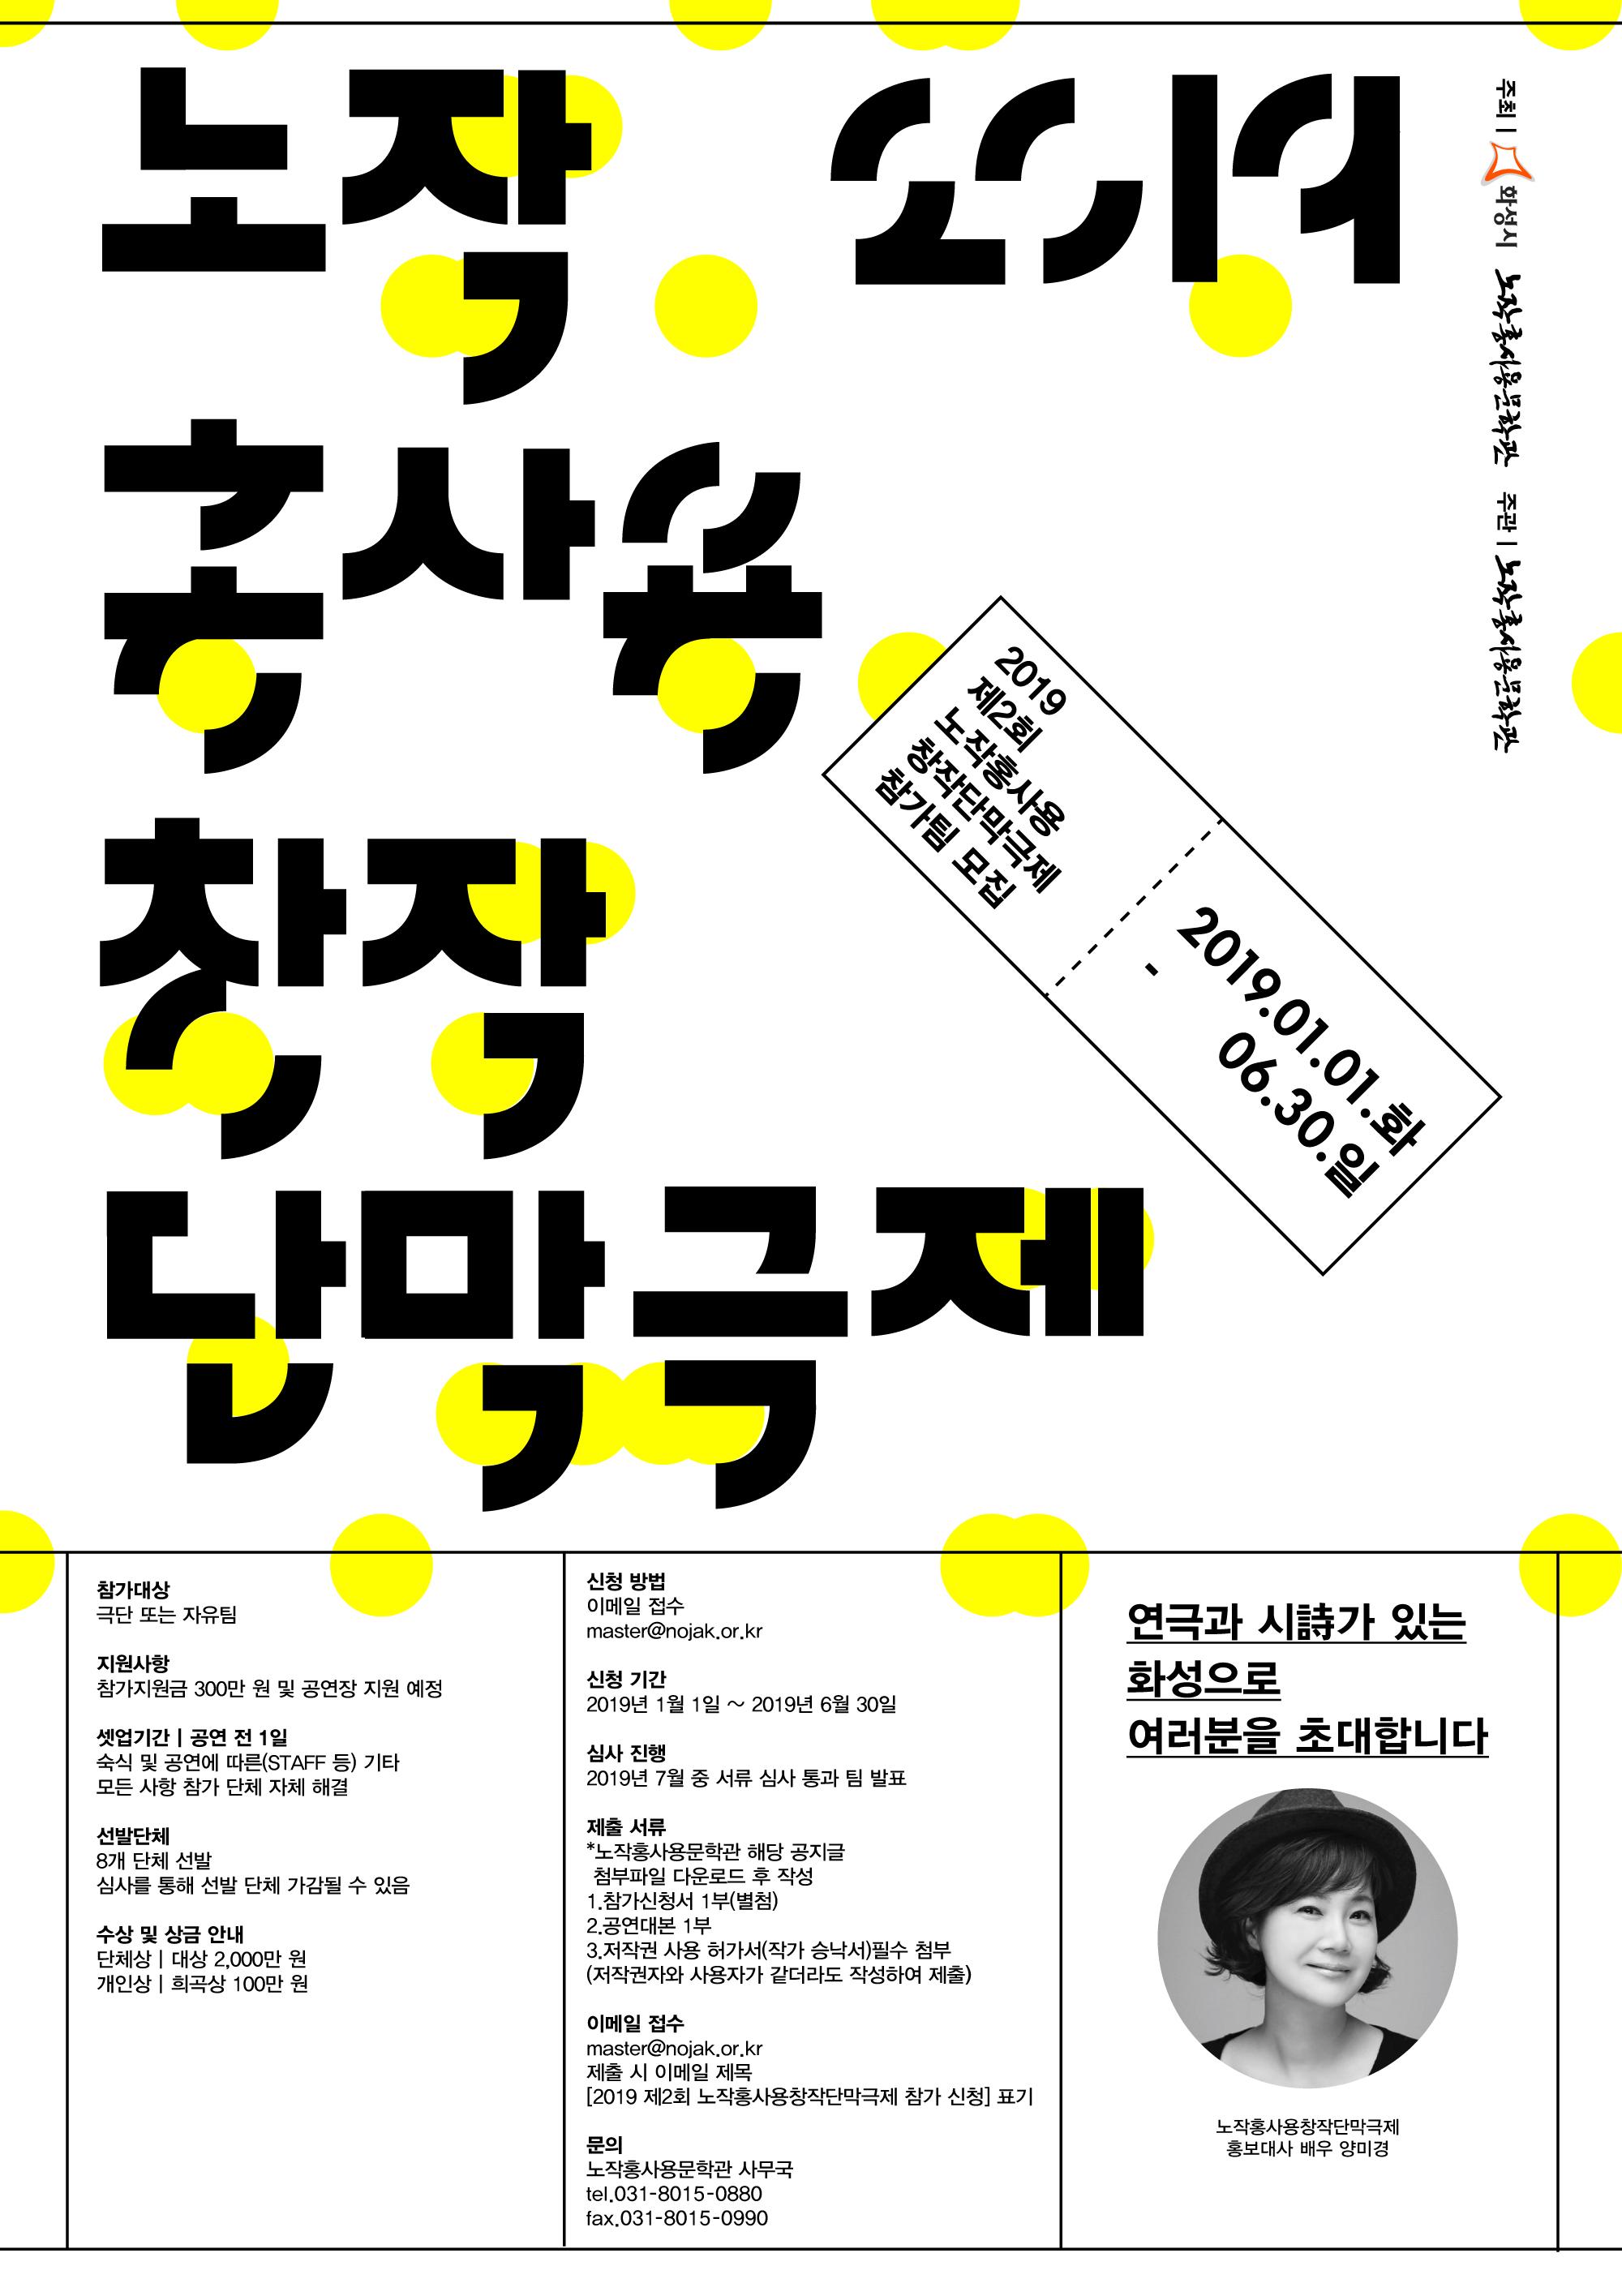 노작문학제 포스터